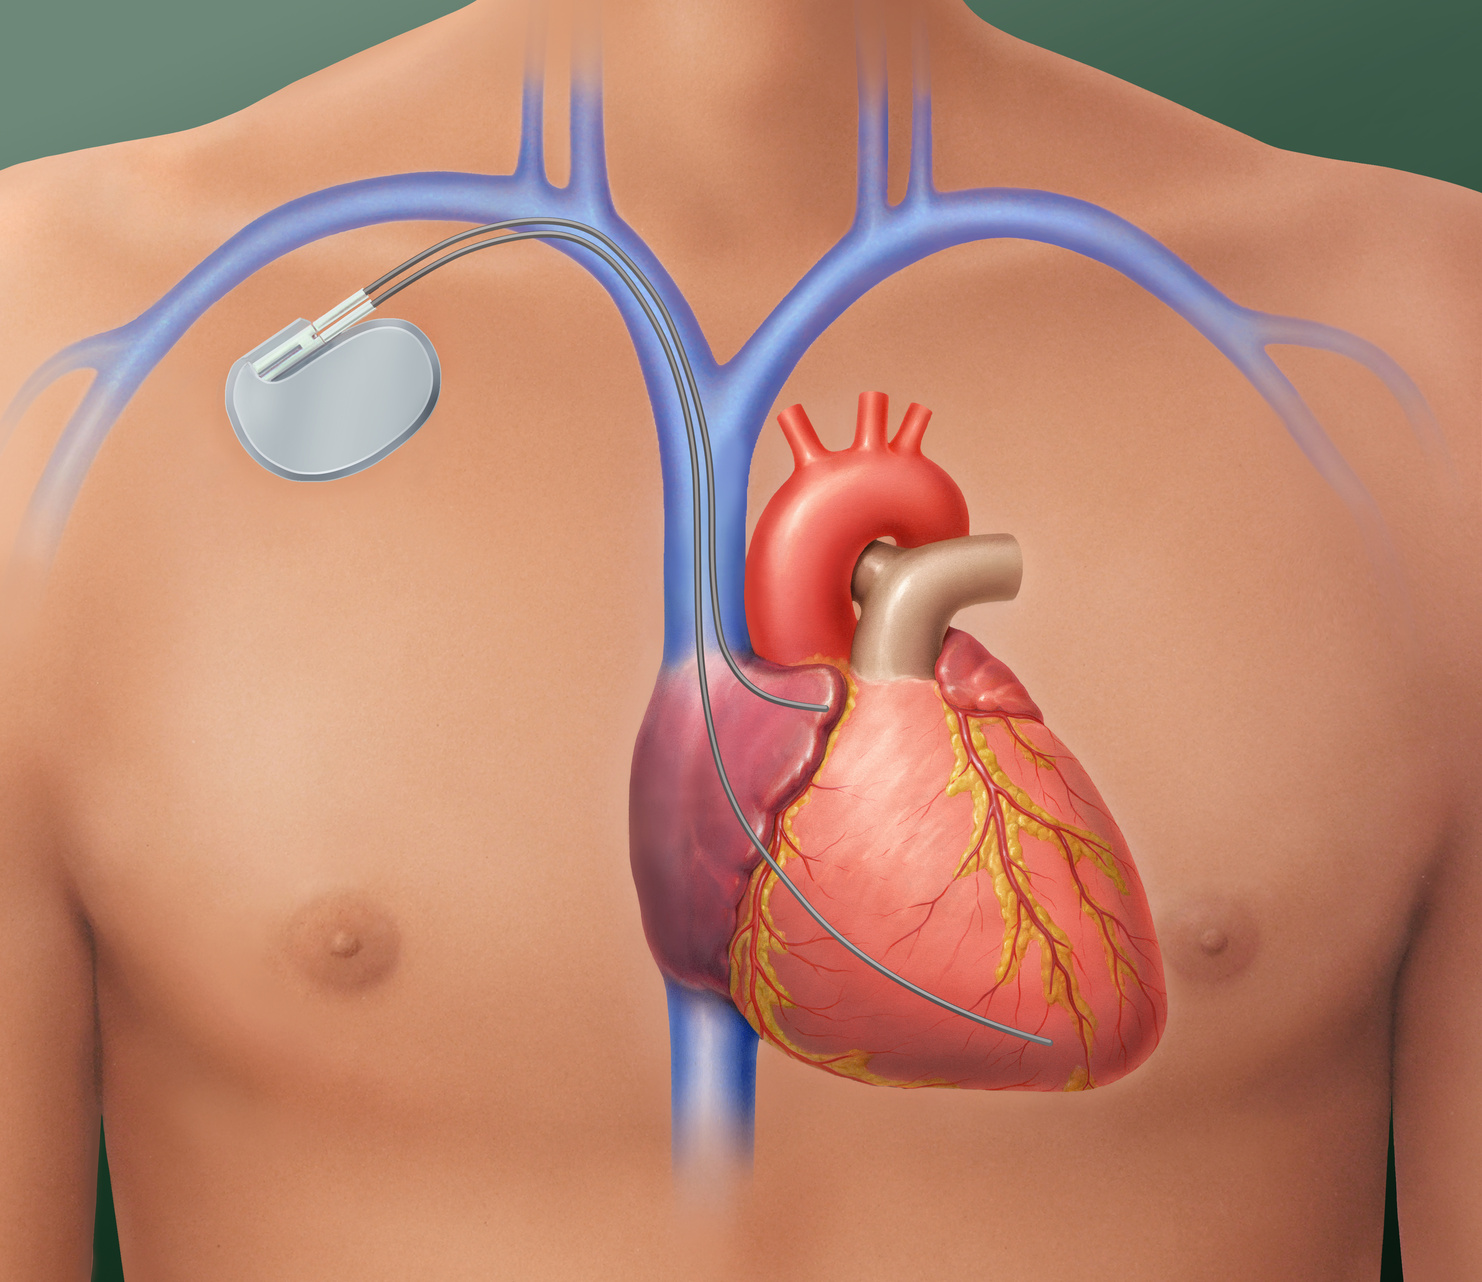 gesamtes abdomen mit organen